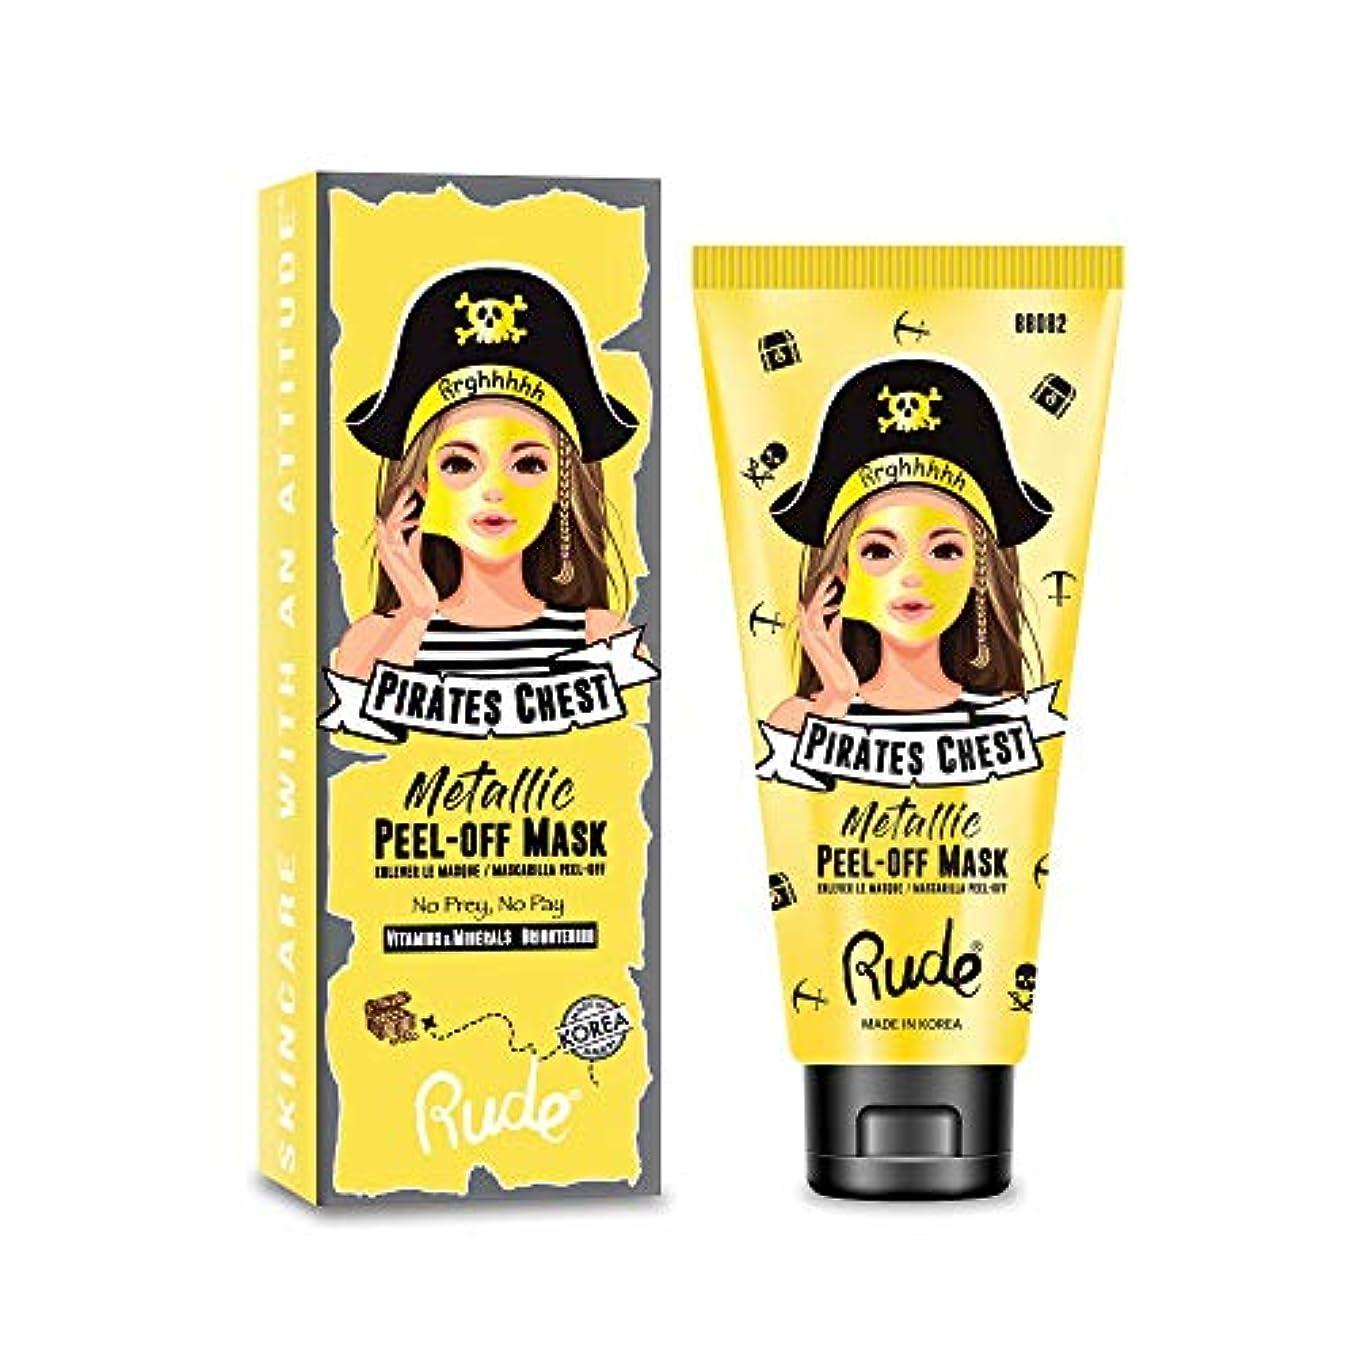 ホップコックソブリケット(6 Pack) RUDE Pirate's Chest Metallic Peel-off Mask - No Prey, No Pay (並行輸入品)